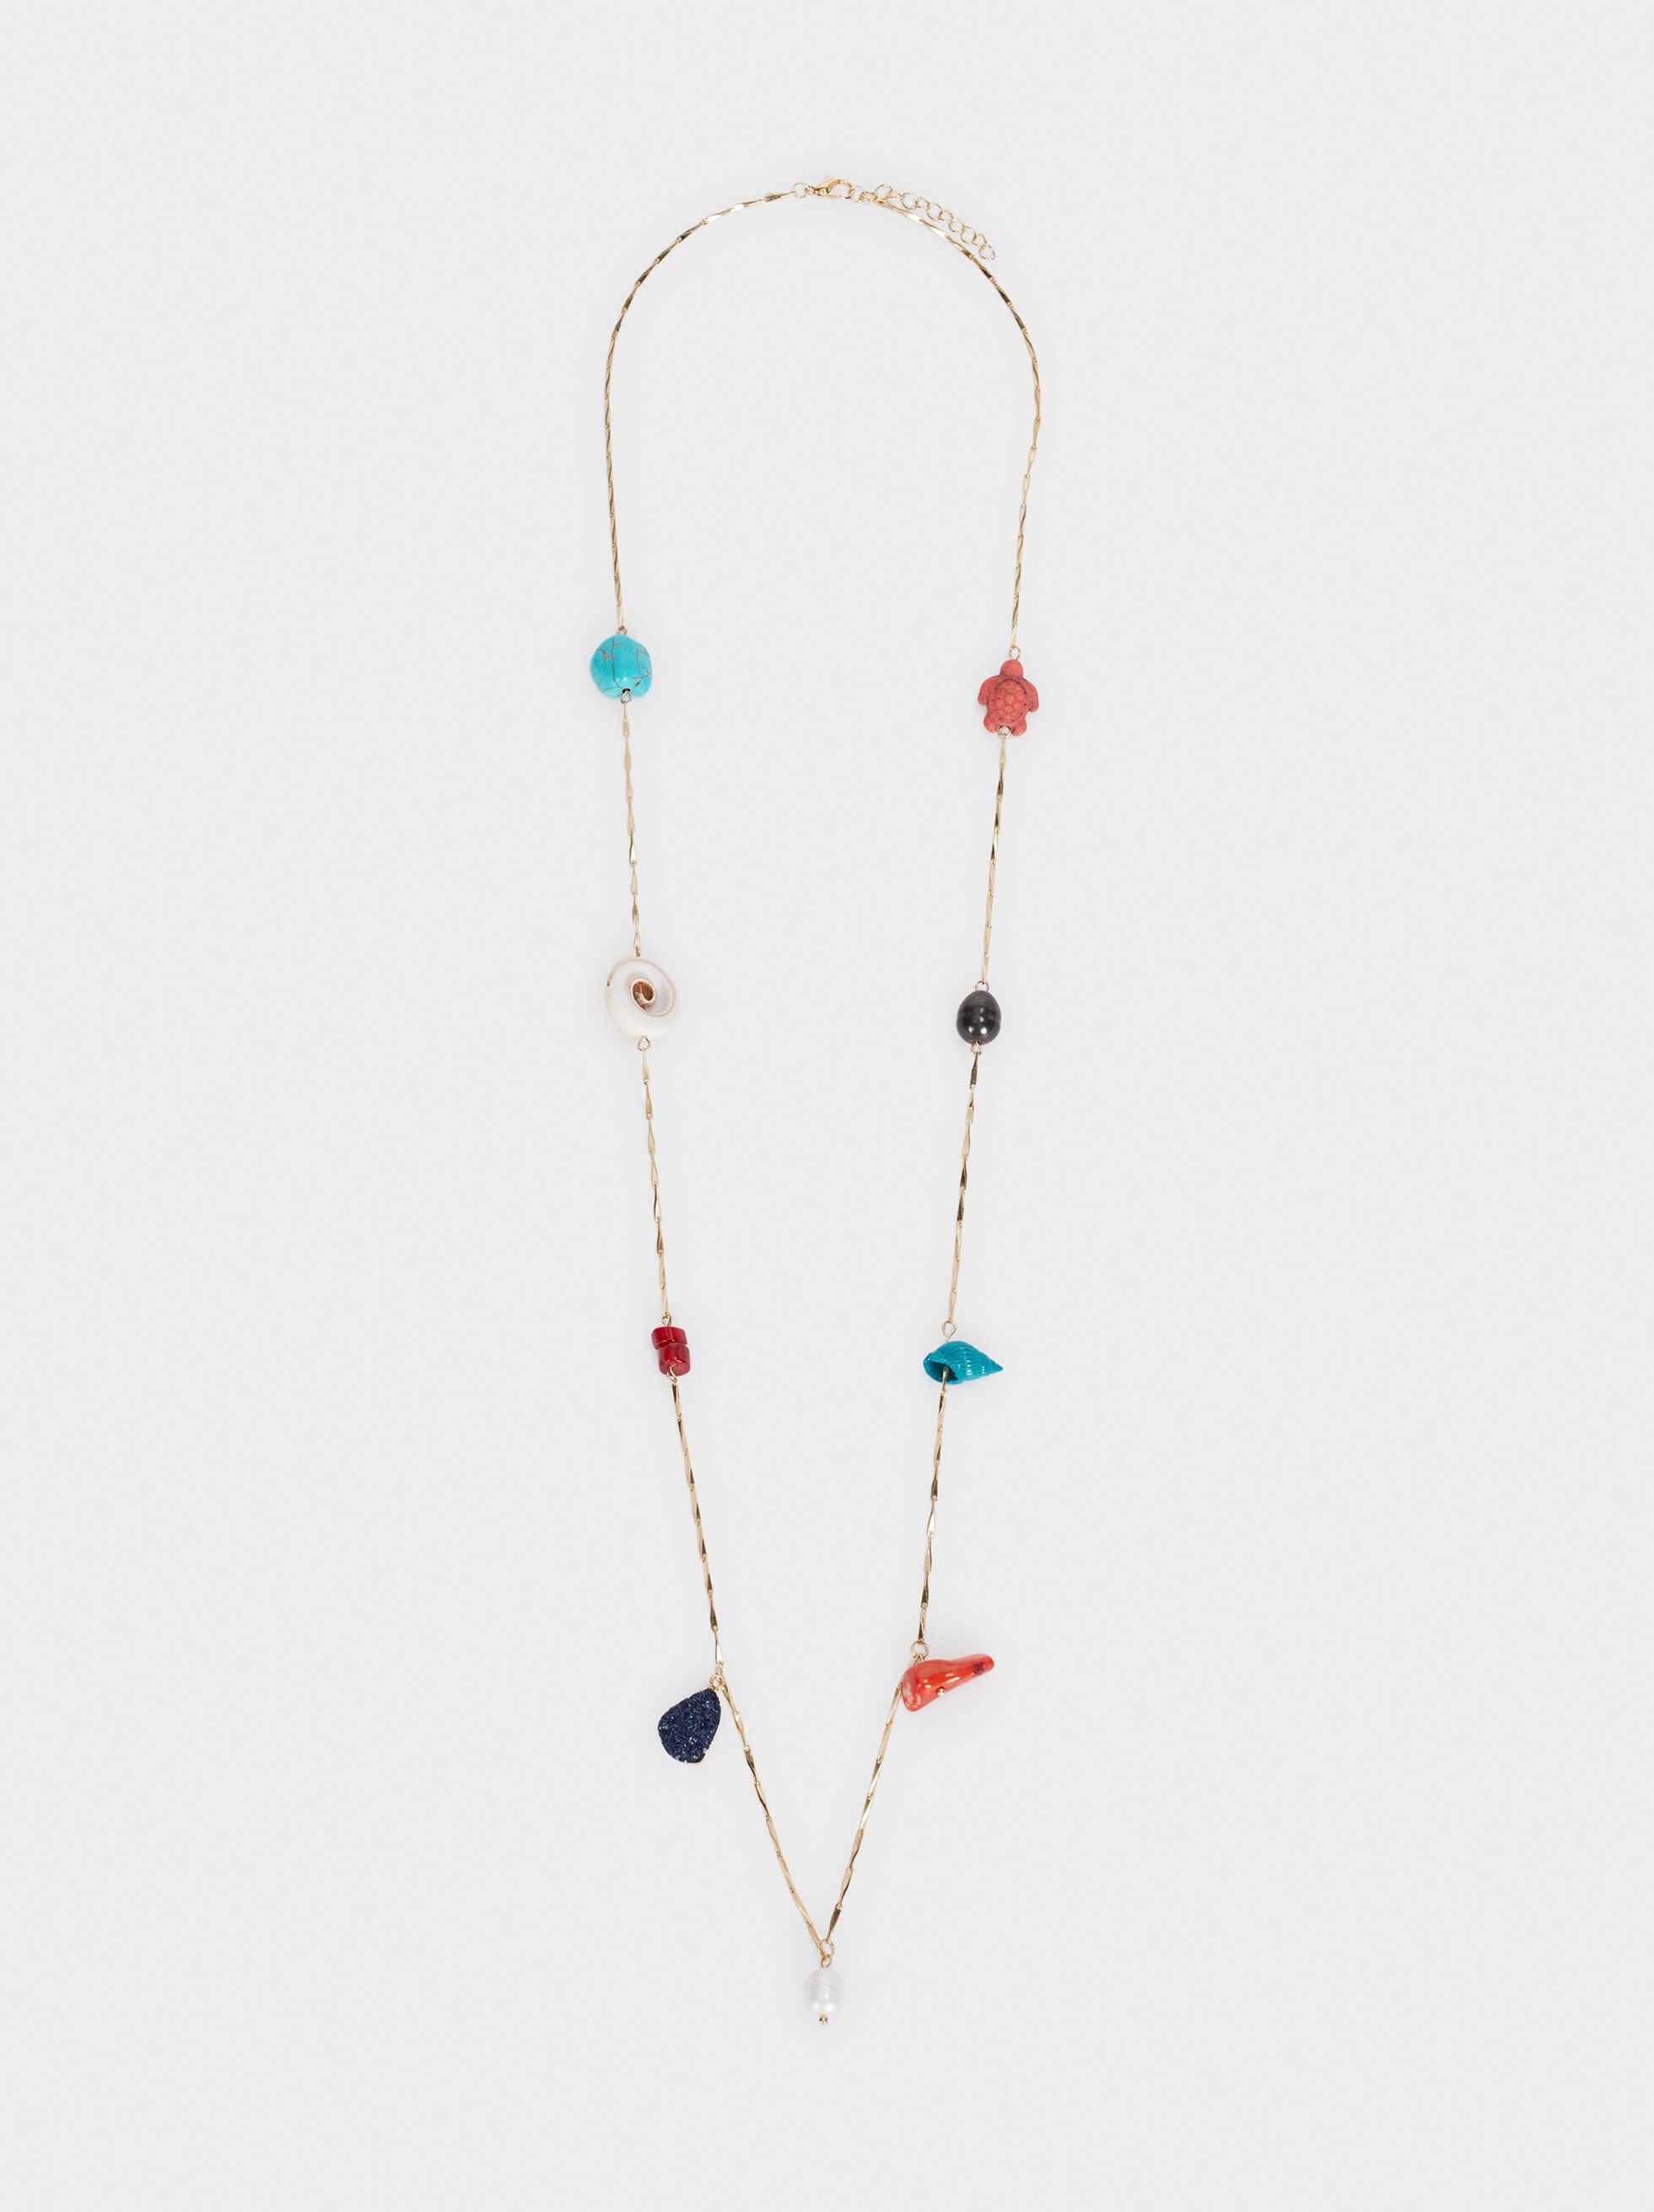 Recife Big Hoop Earrings With Beads, Multicolor, hi-res